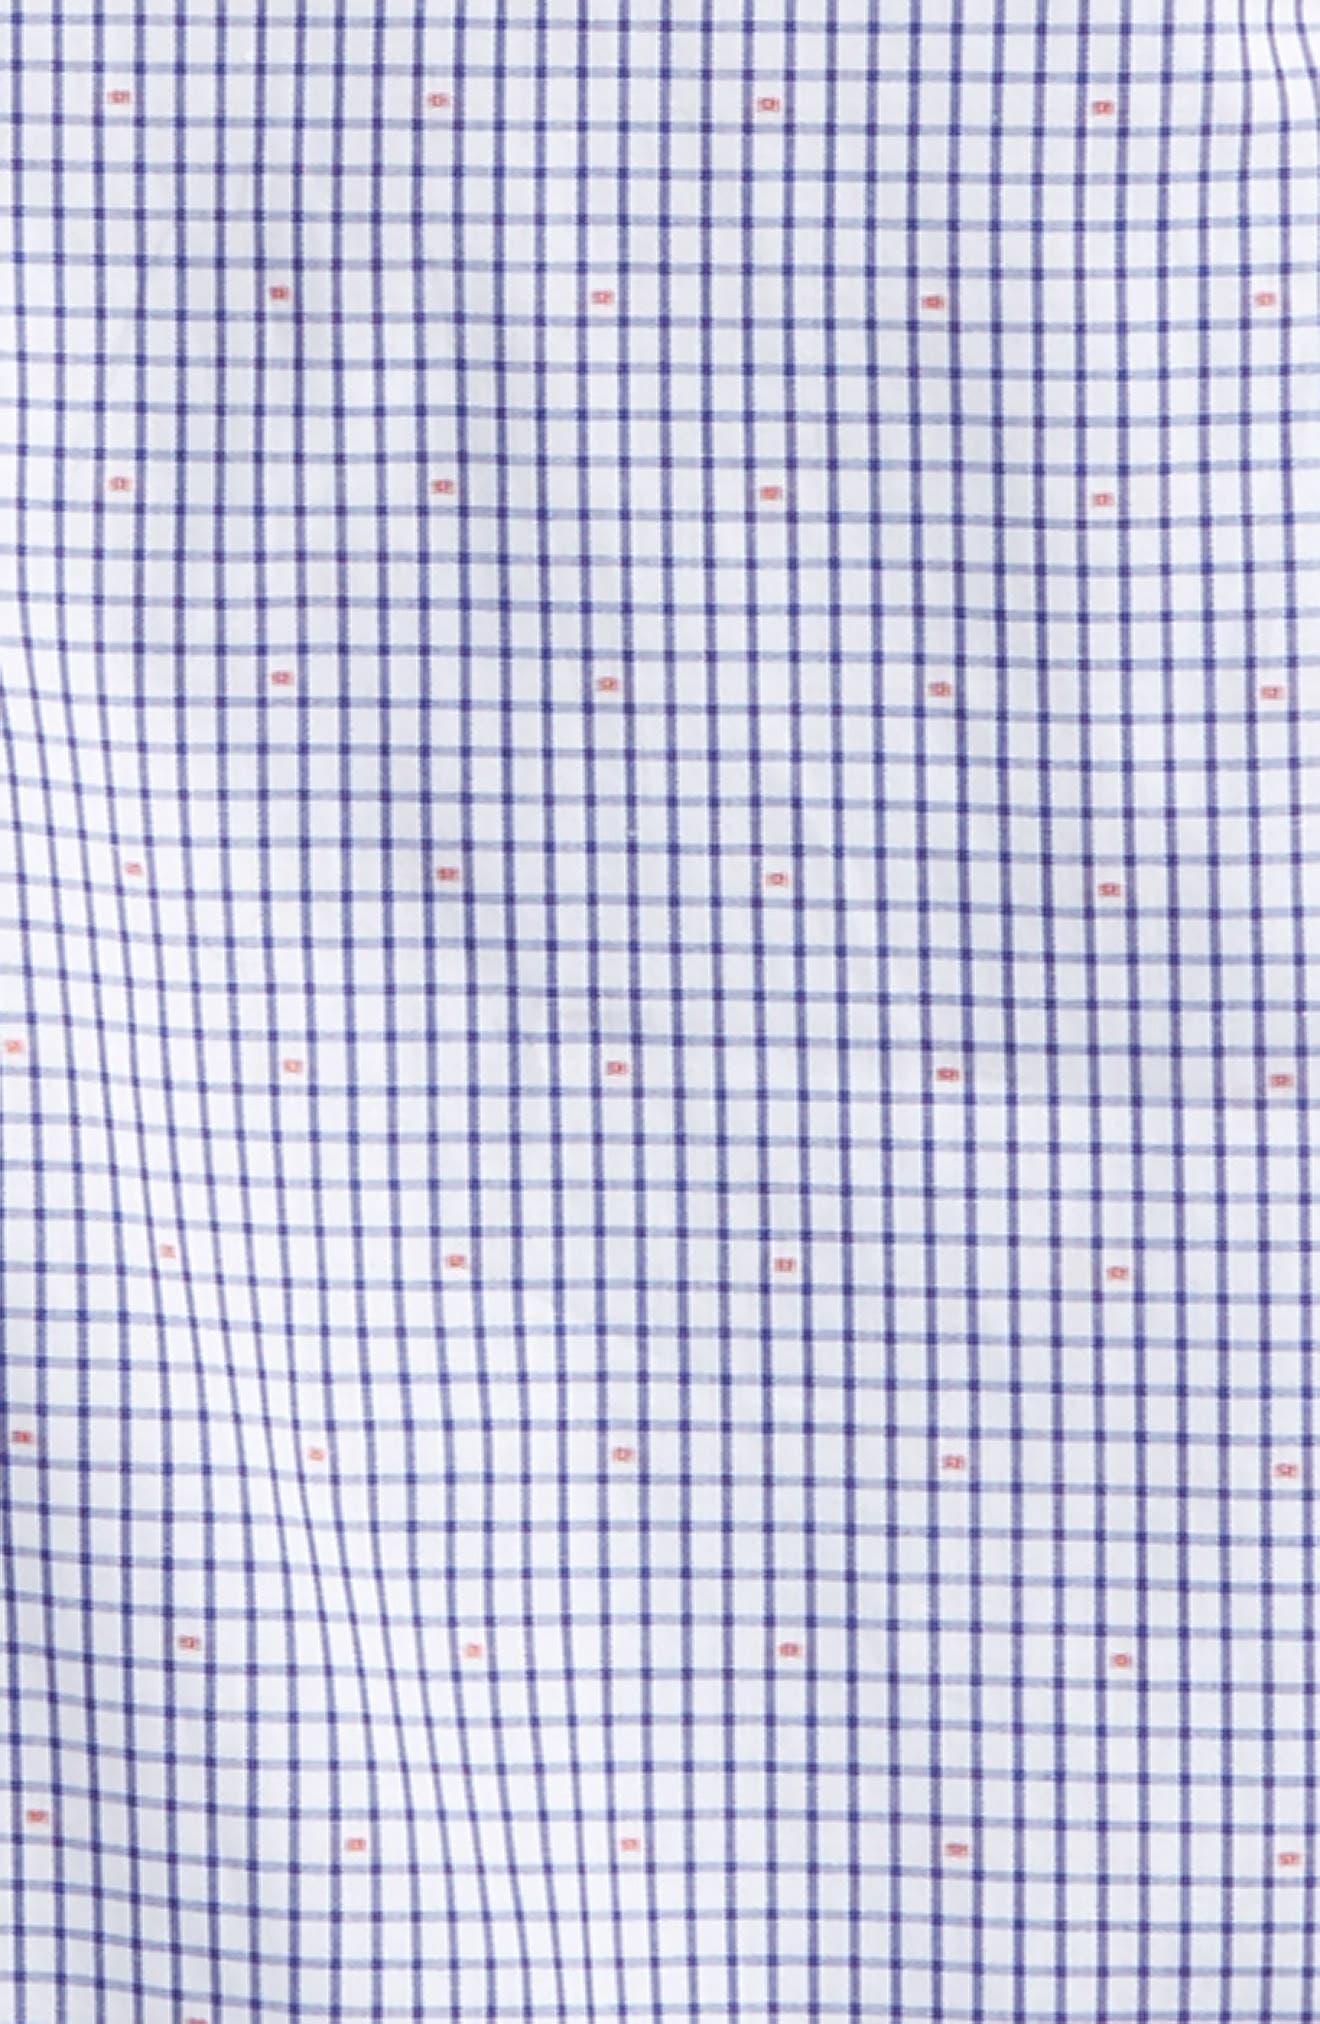 Mini Check Dress Shirt,                             Alternate thumbnail 2, color,                             Blue/ White